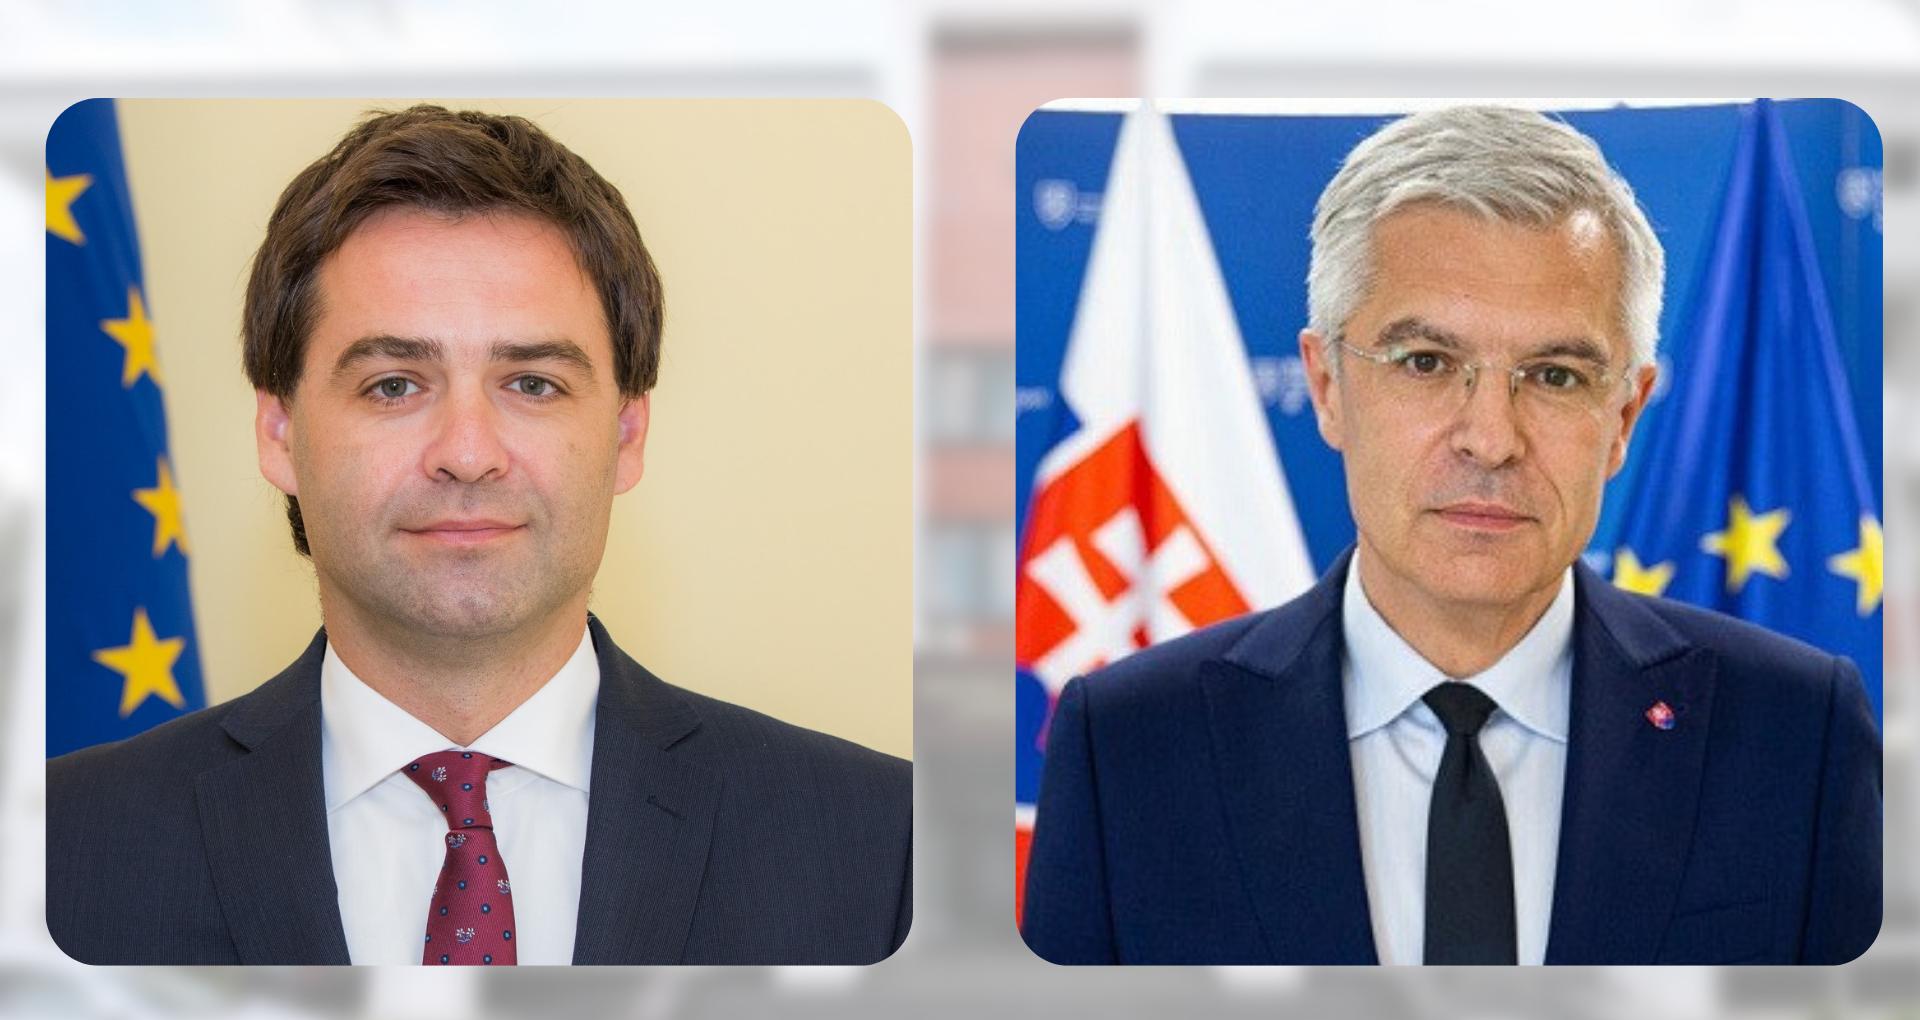 Ministrul afacerilor externe și europene al Republicii Slovace va efectua miercuri o vizită la Chișinău